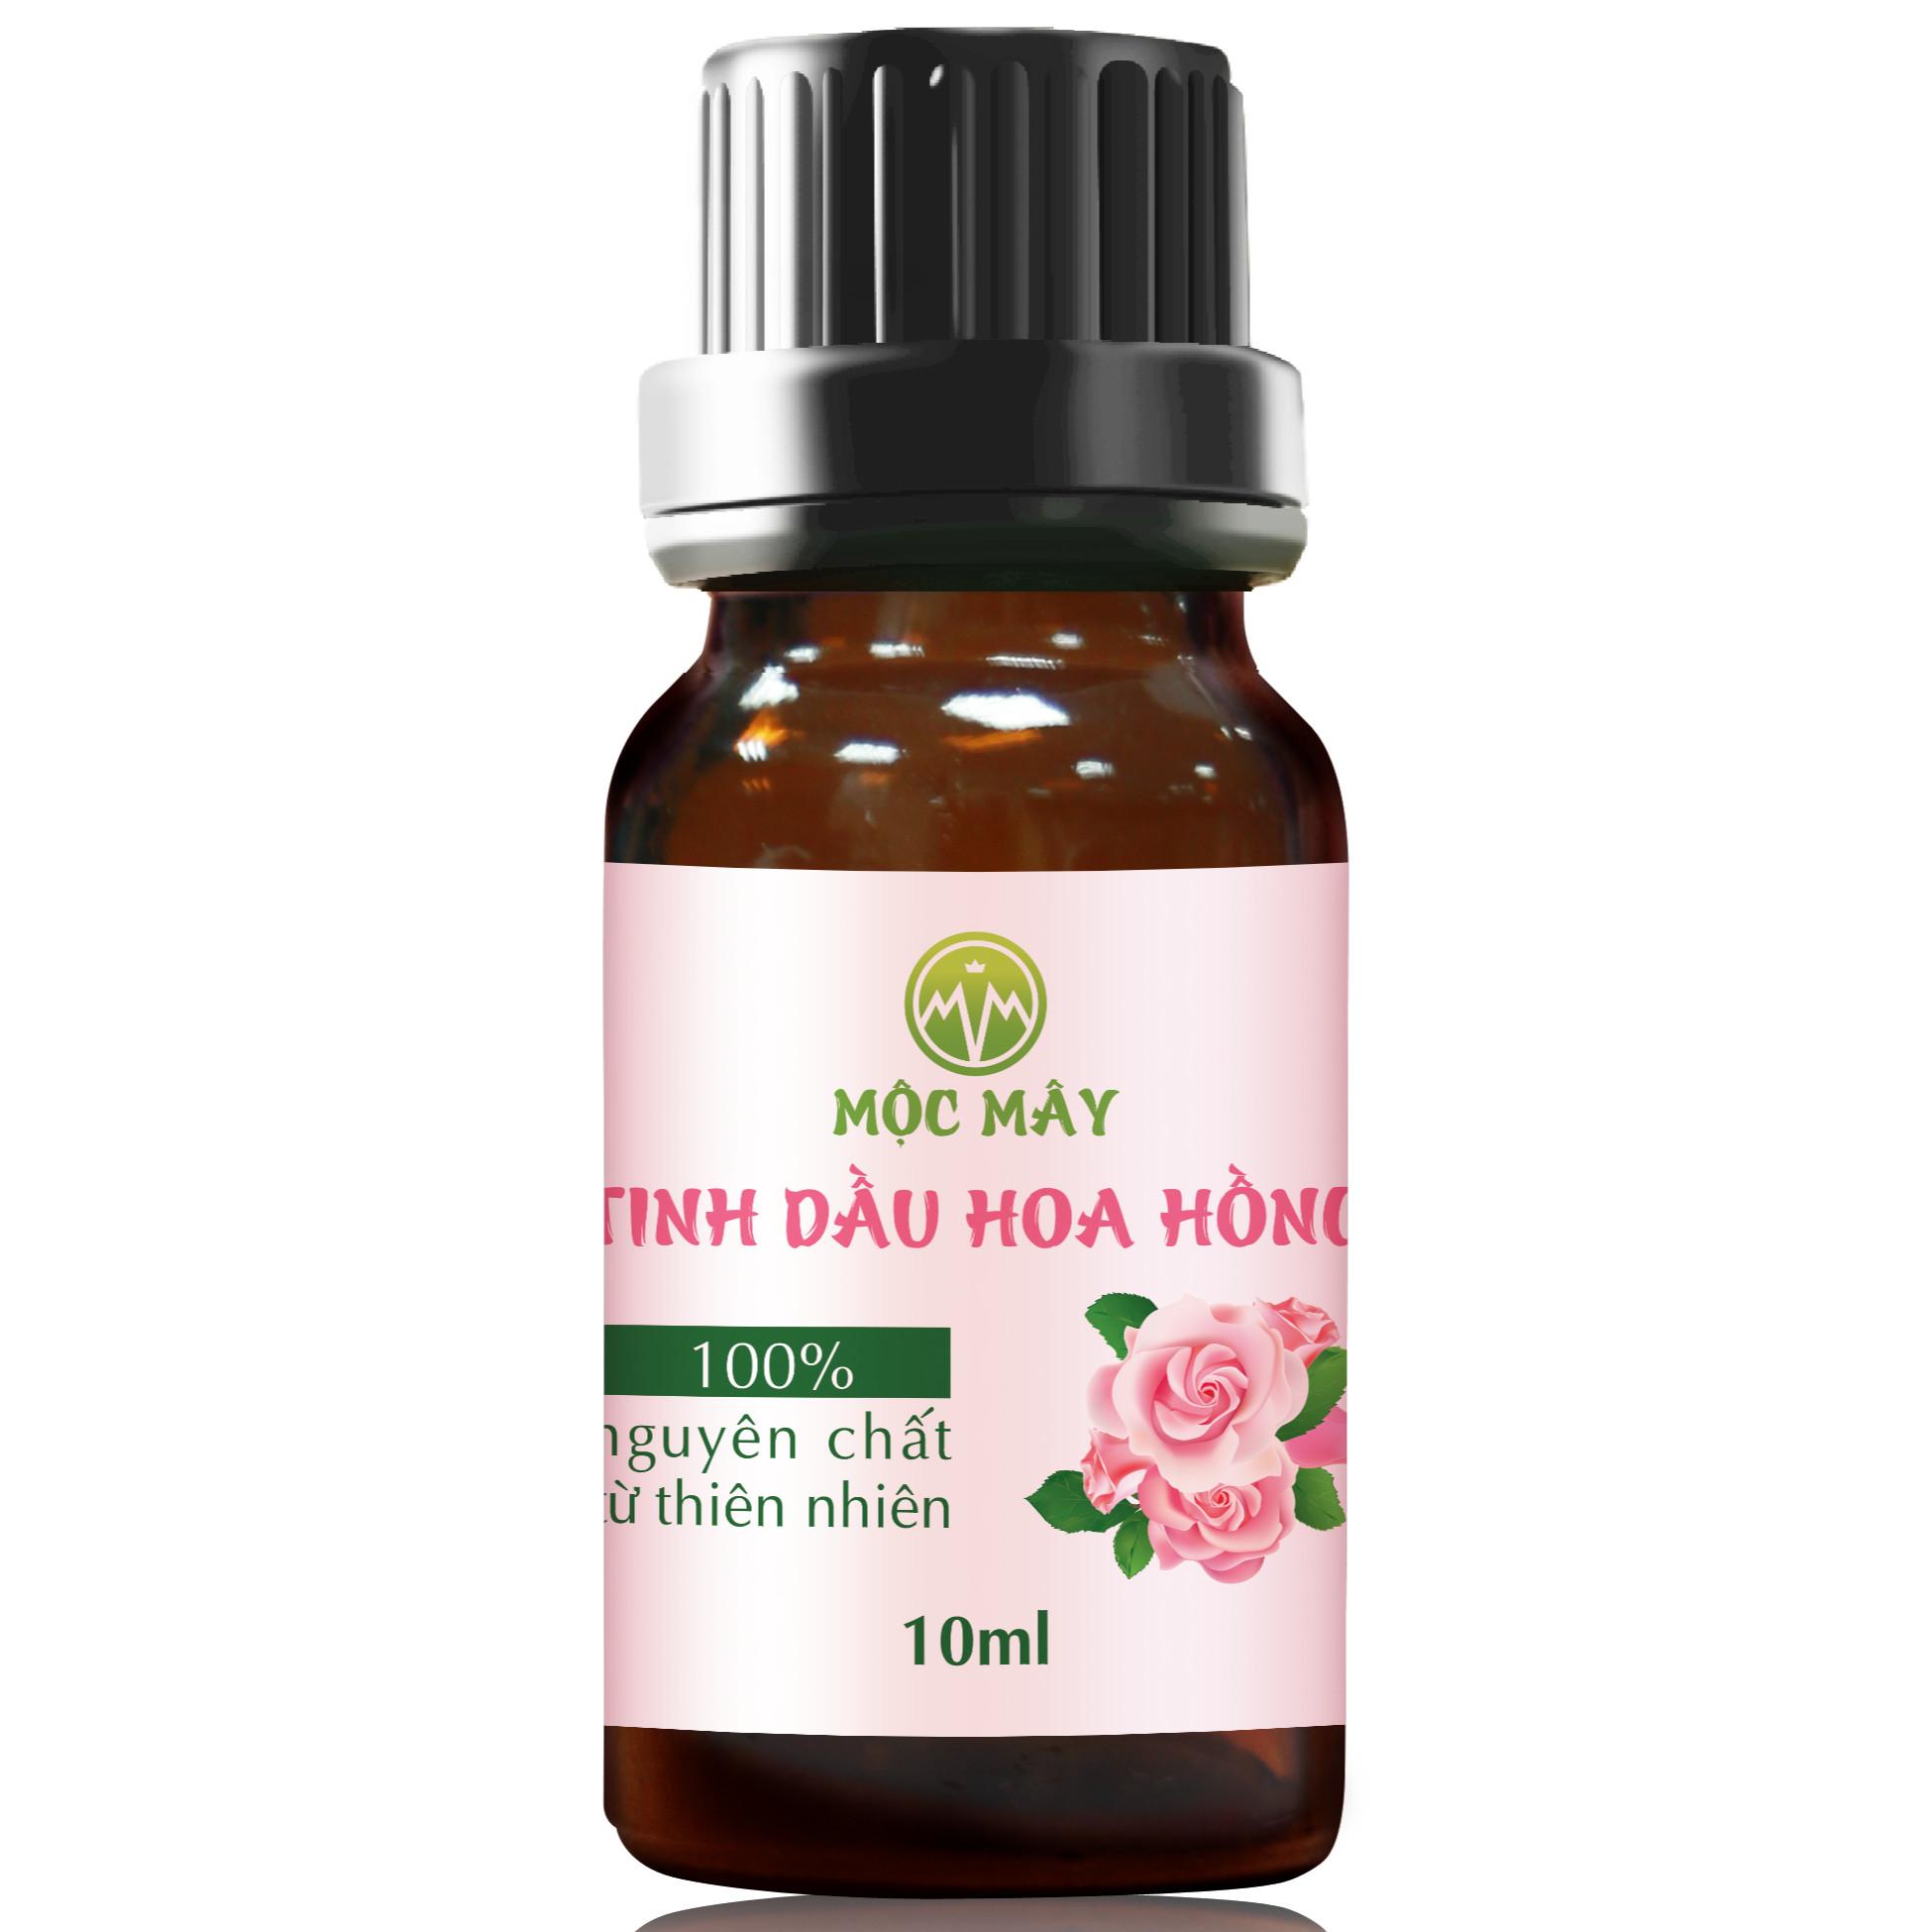 Tinh dầu hoa Hồng 10ml Mộc Mây - tinh dầu thiên nhiên nguyên chất 100% - chất lượng và mùi hương vượt trội